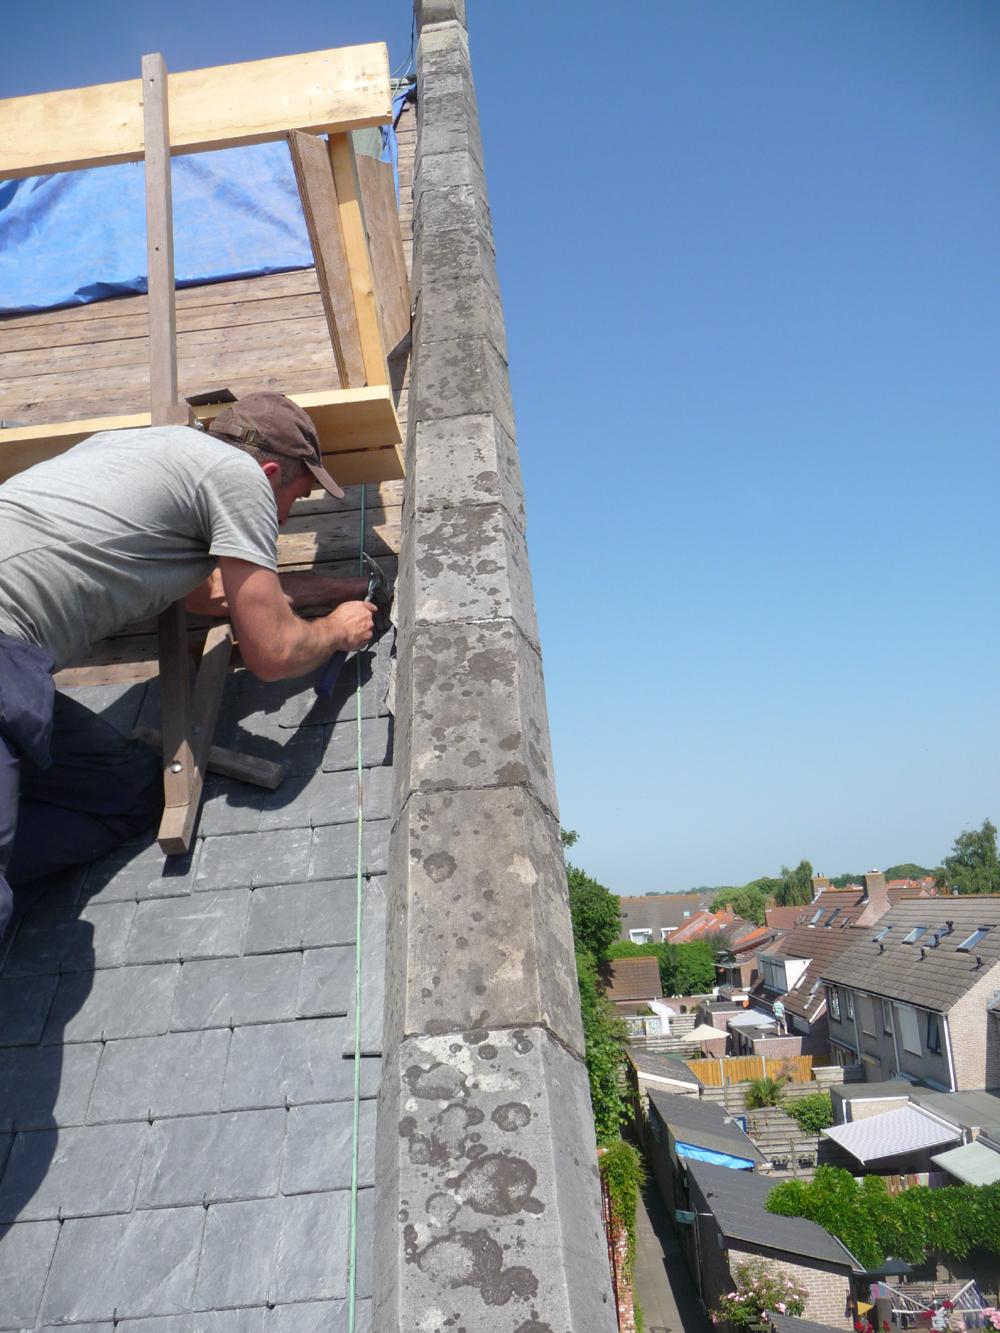 Meinte op het randje van het dak!